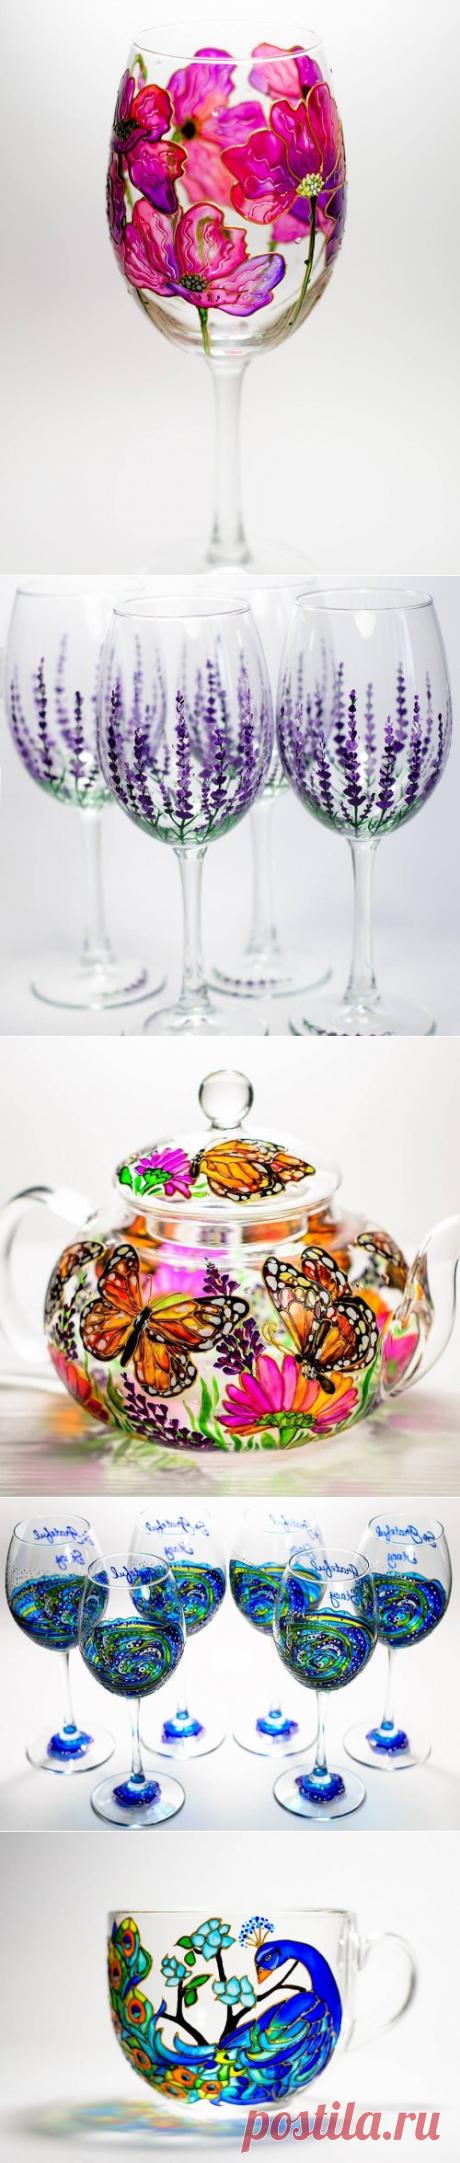 Красочная стеклянная посуда, украшенная художницей из Киева